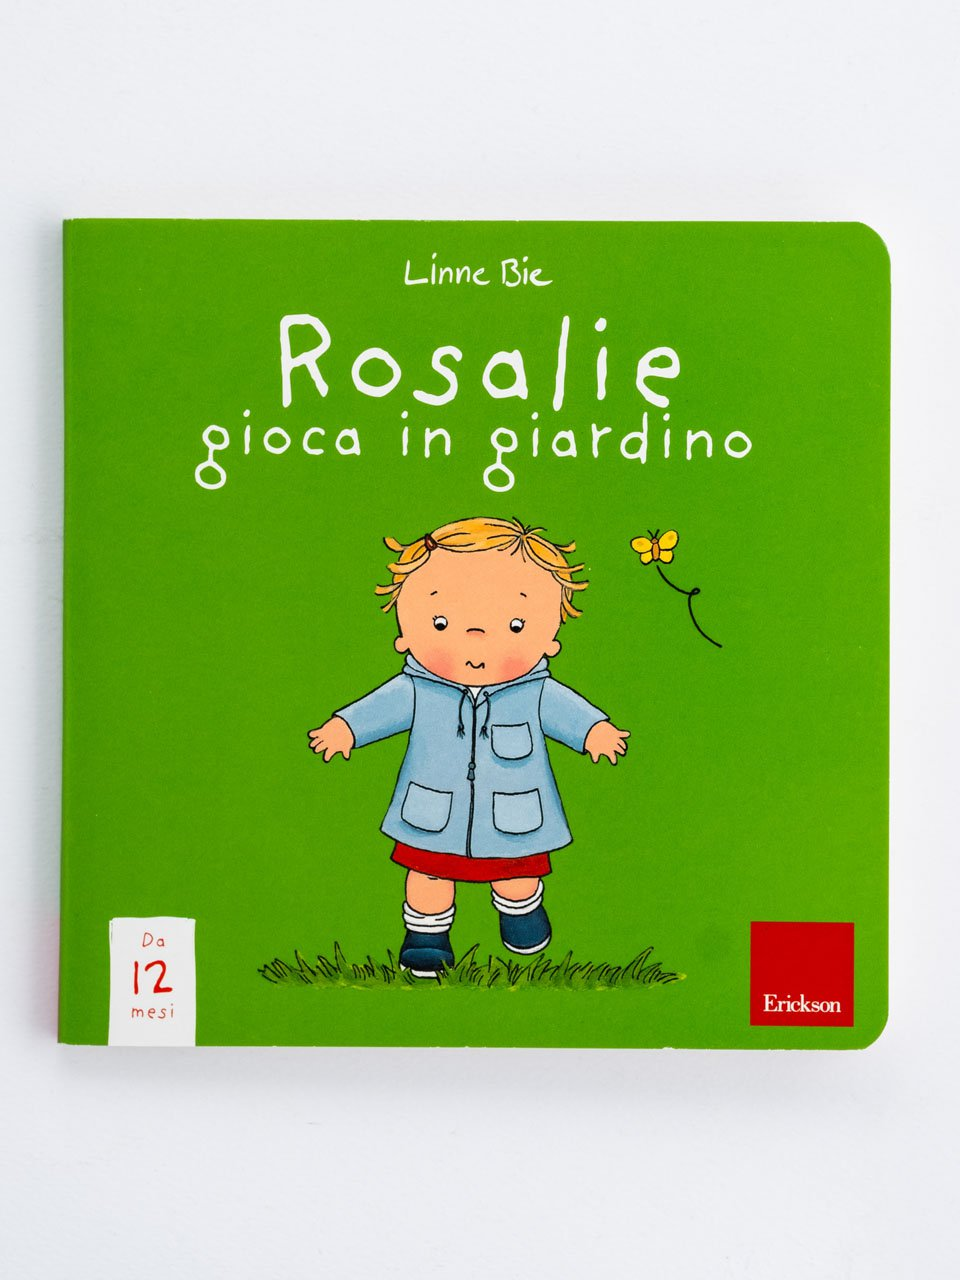 Rosalie gioca in giardino - Giochinsieme - Spazio e posizioni - Strumenti - Erickson